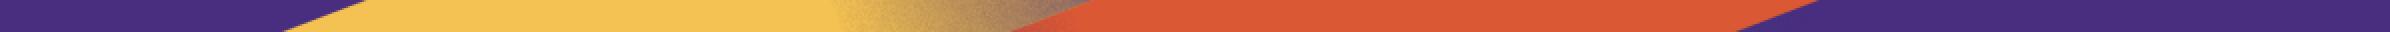 Schmaler-bunter-Trennstreifen